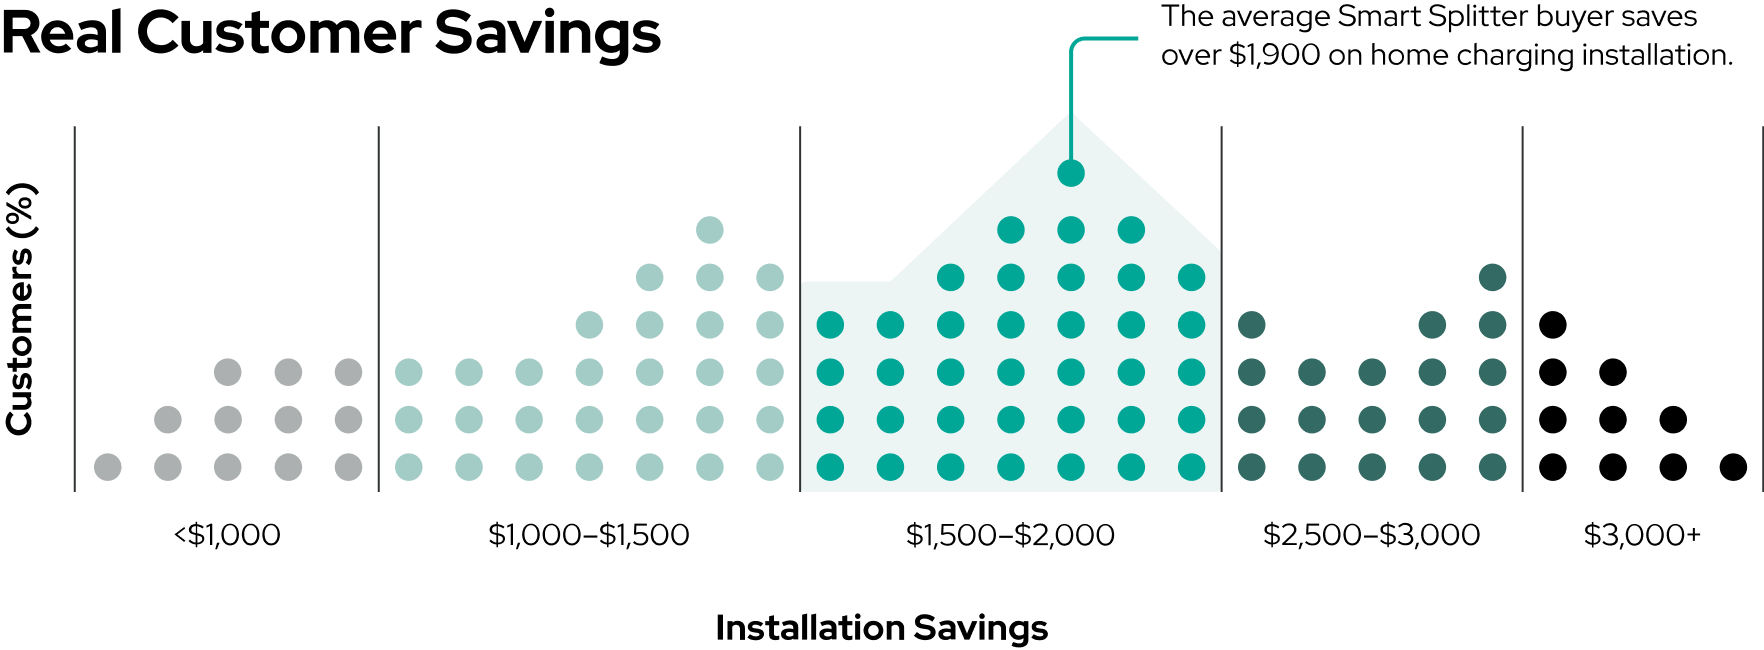 Average Smart Splitter customer savings